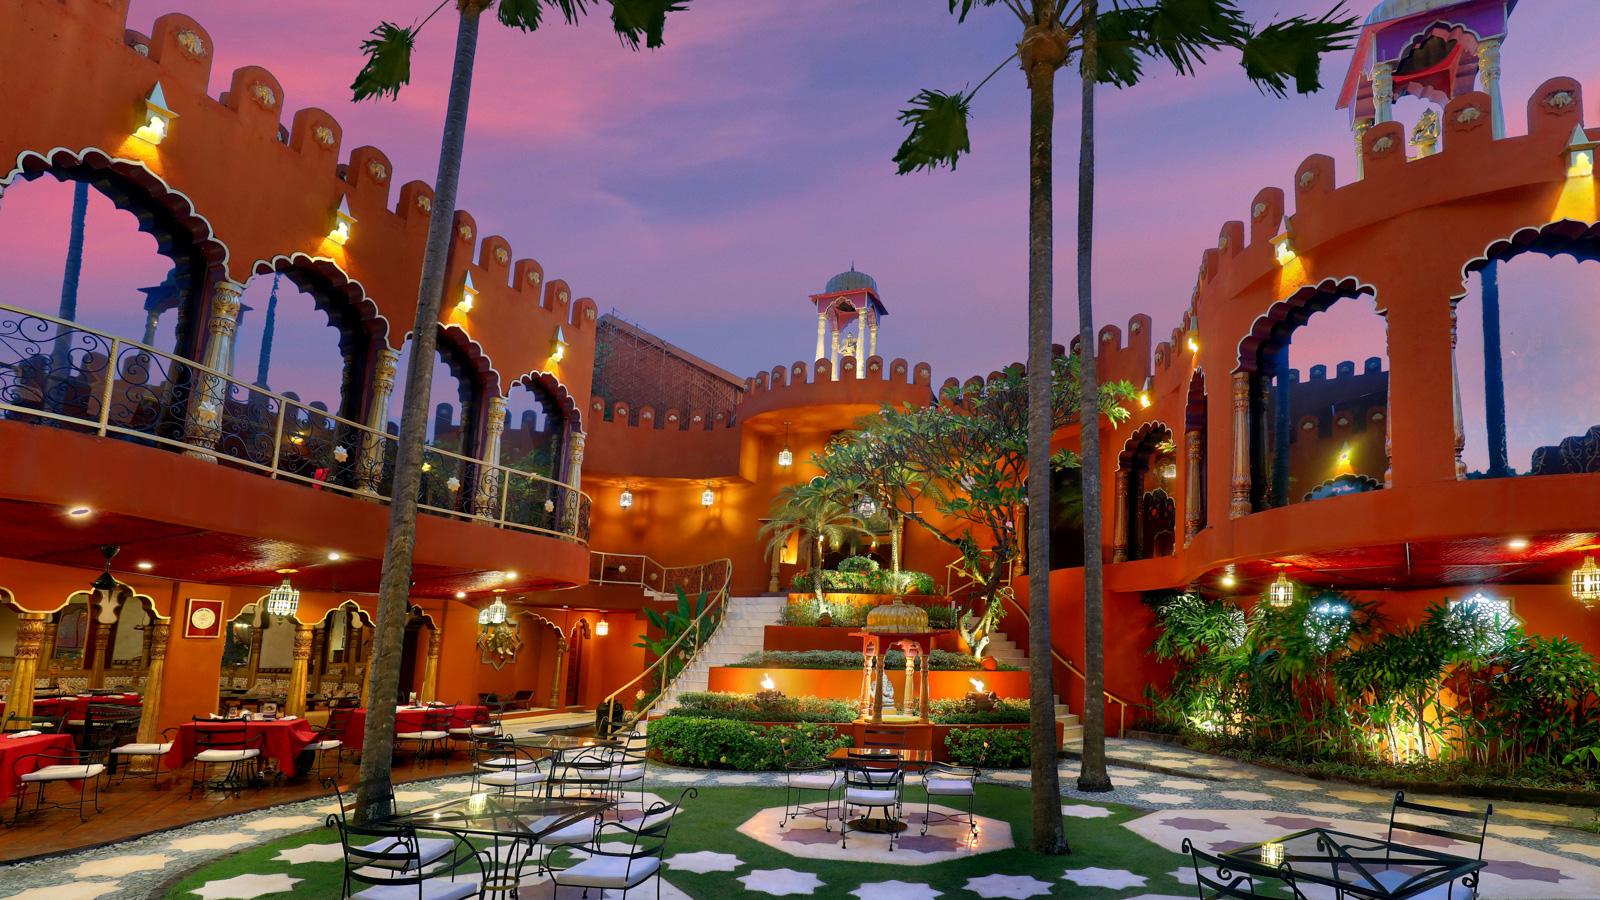 Restoran Prana Bali, Santapan Lezat dengan Nuansa Bangunan ala Istana di India